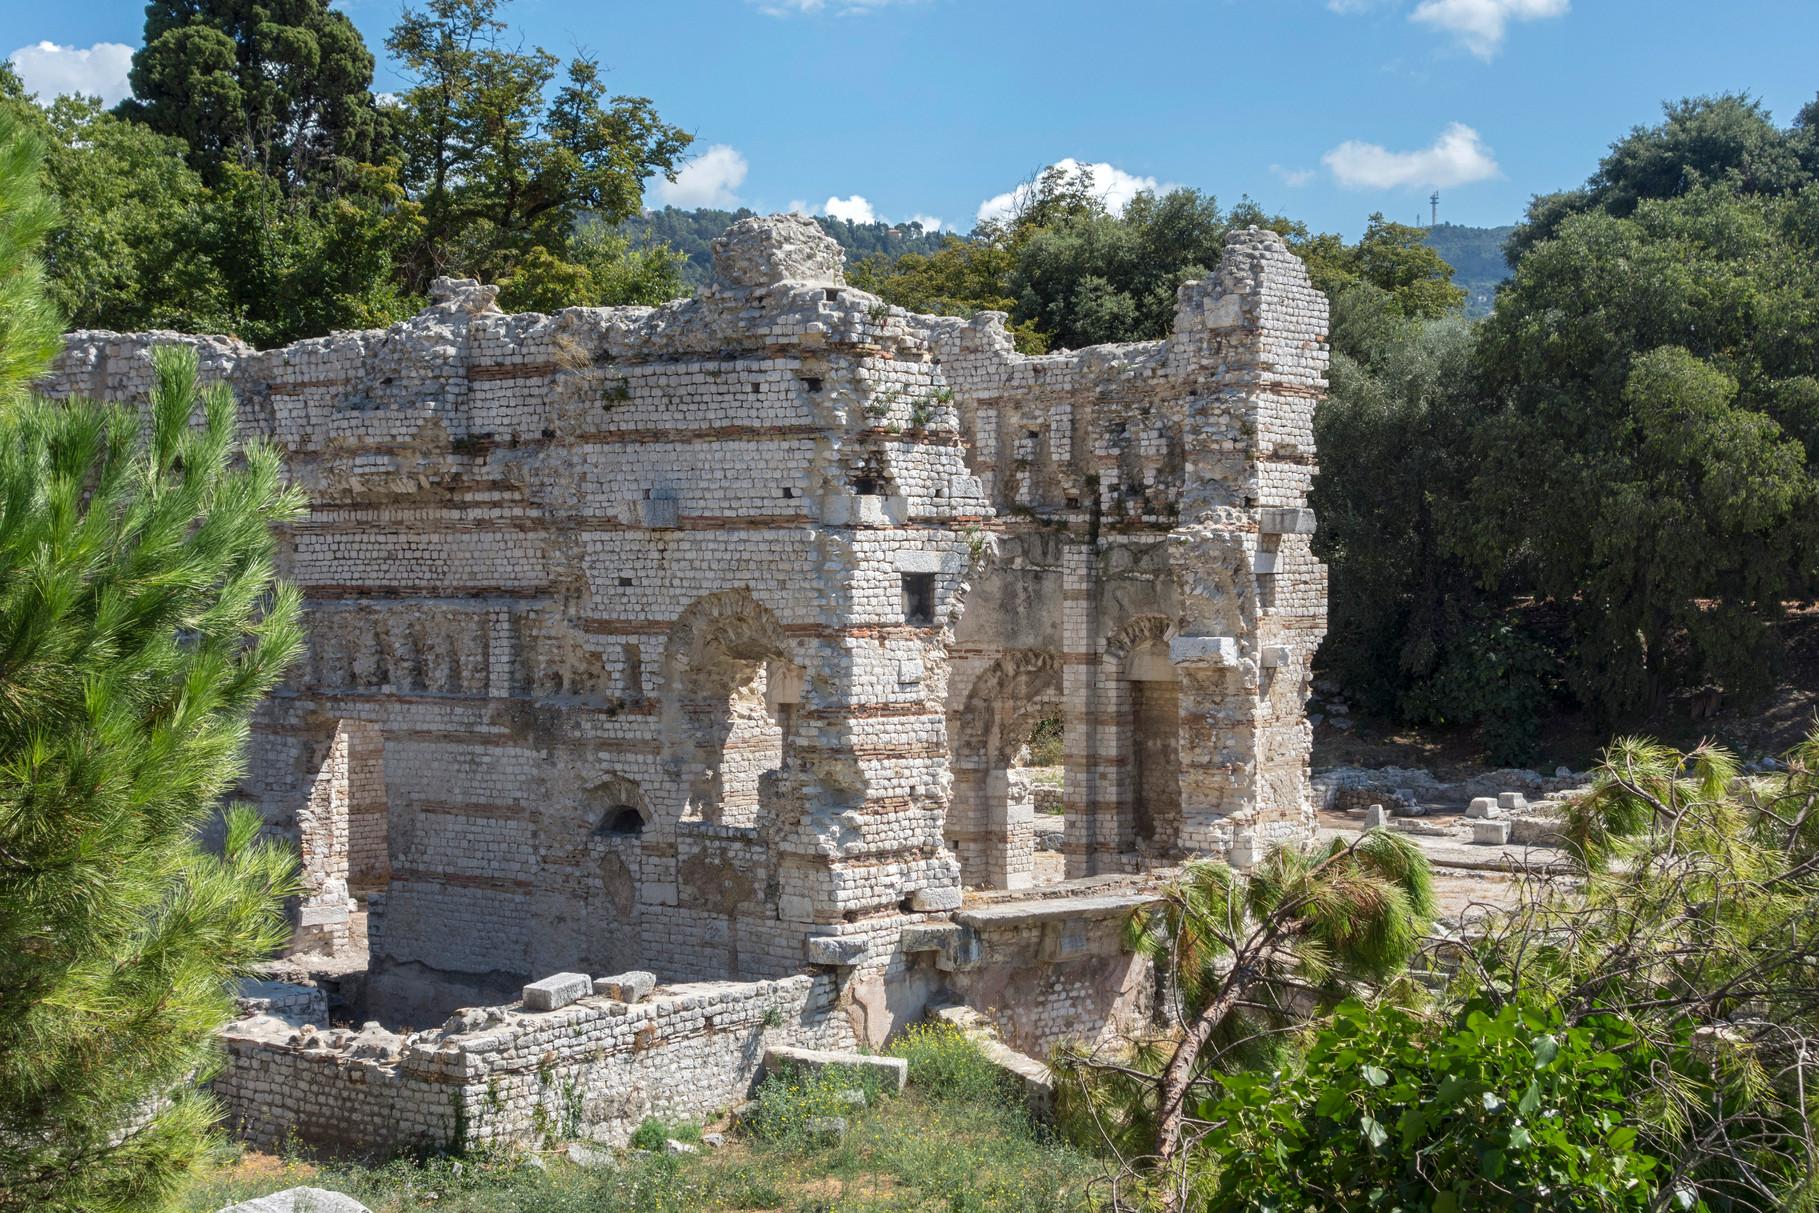 Römische Ruinen am Parc de Cimiez